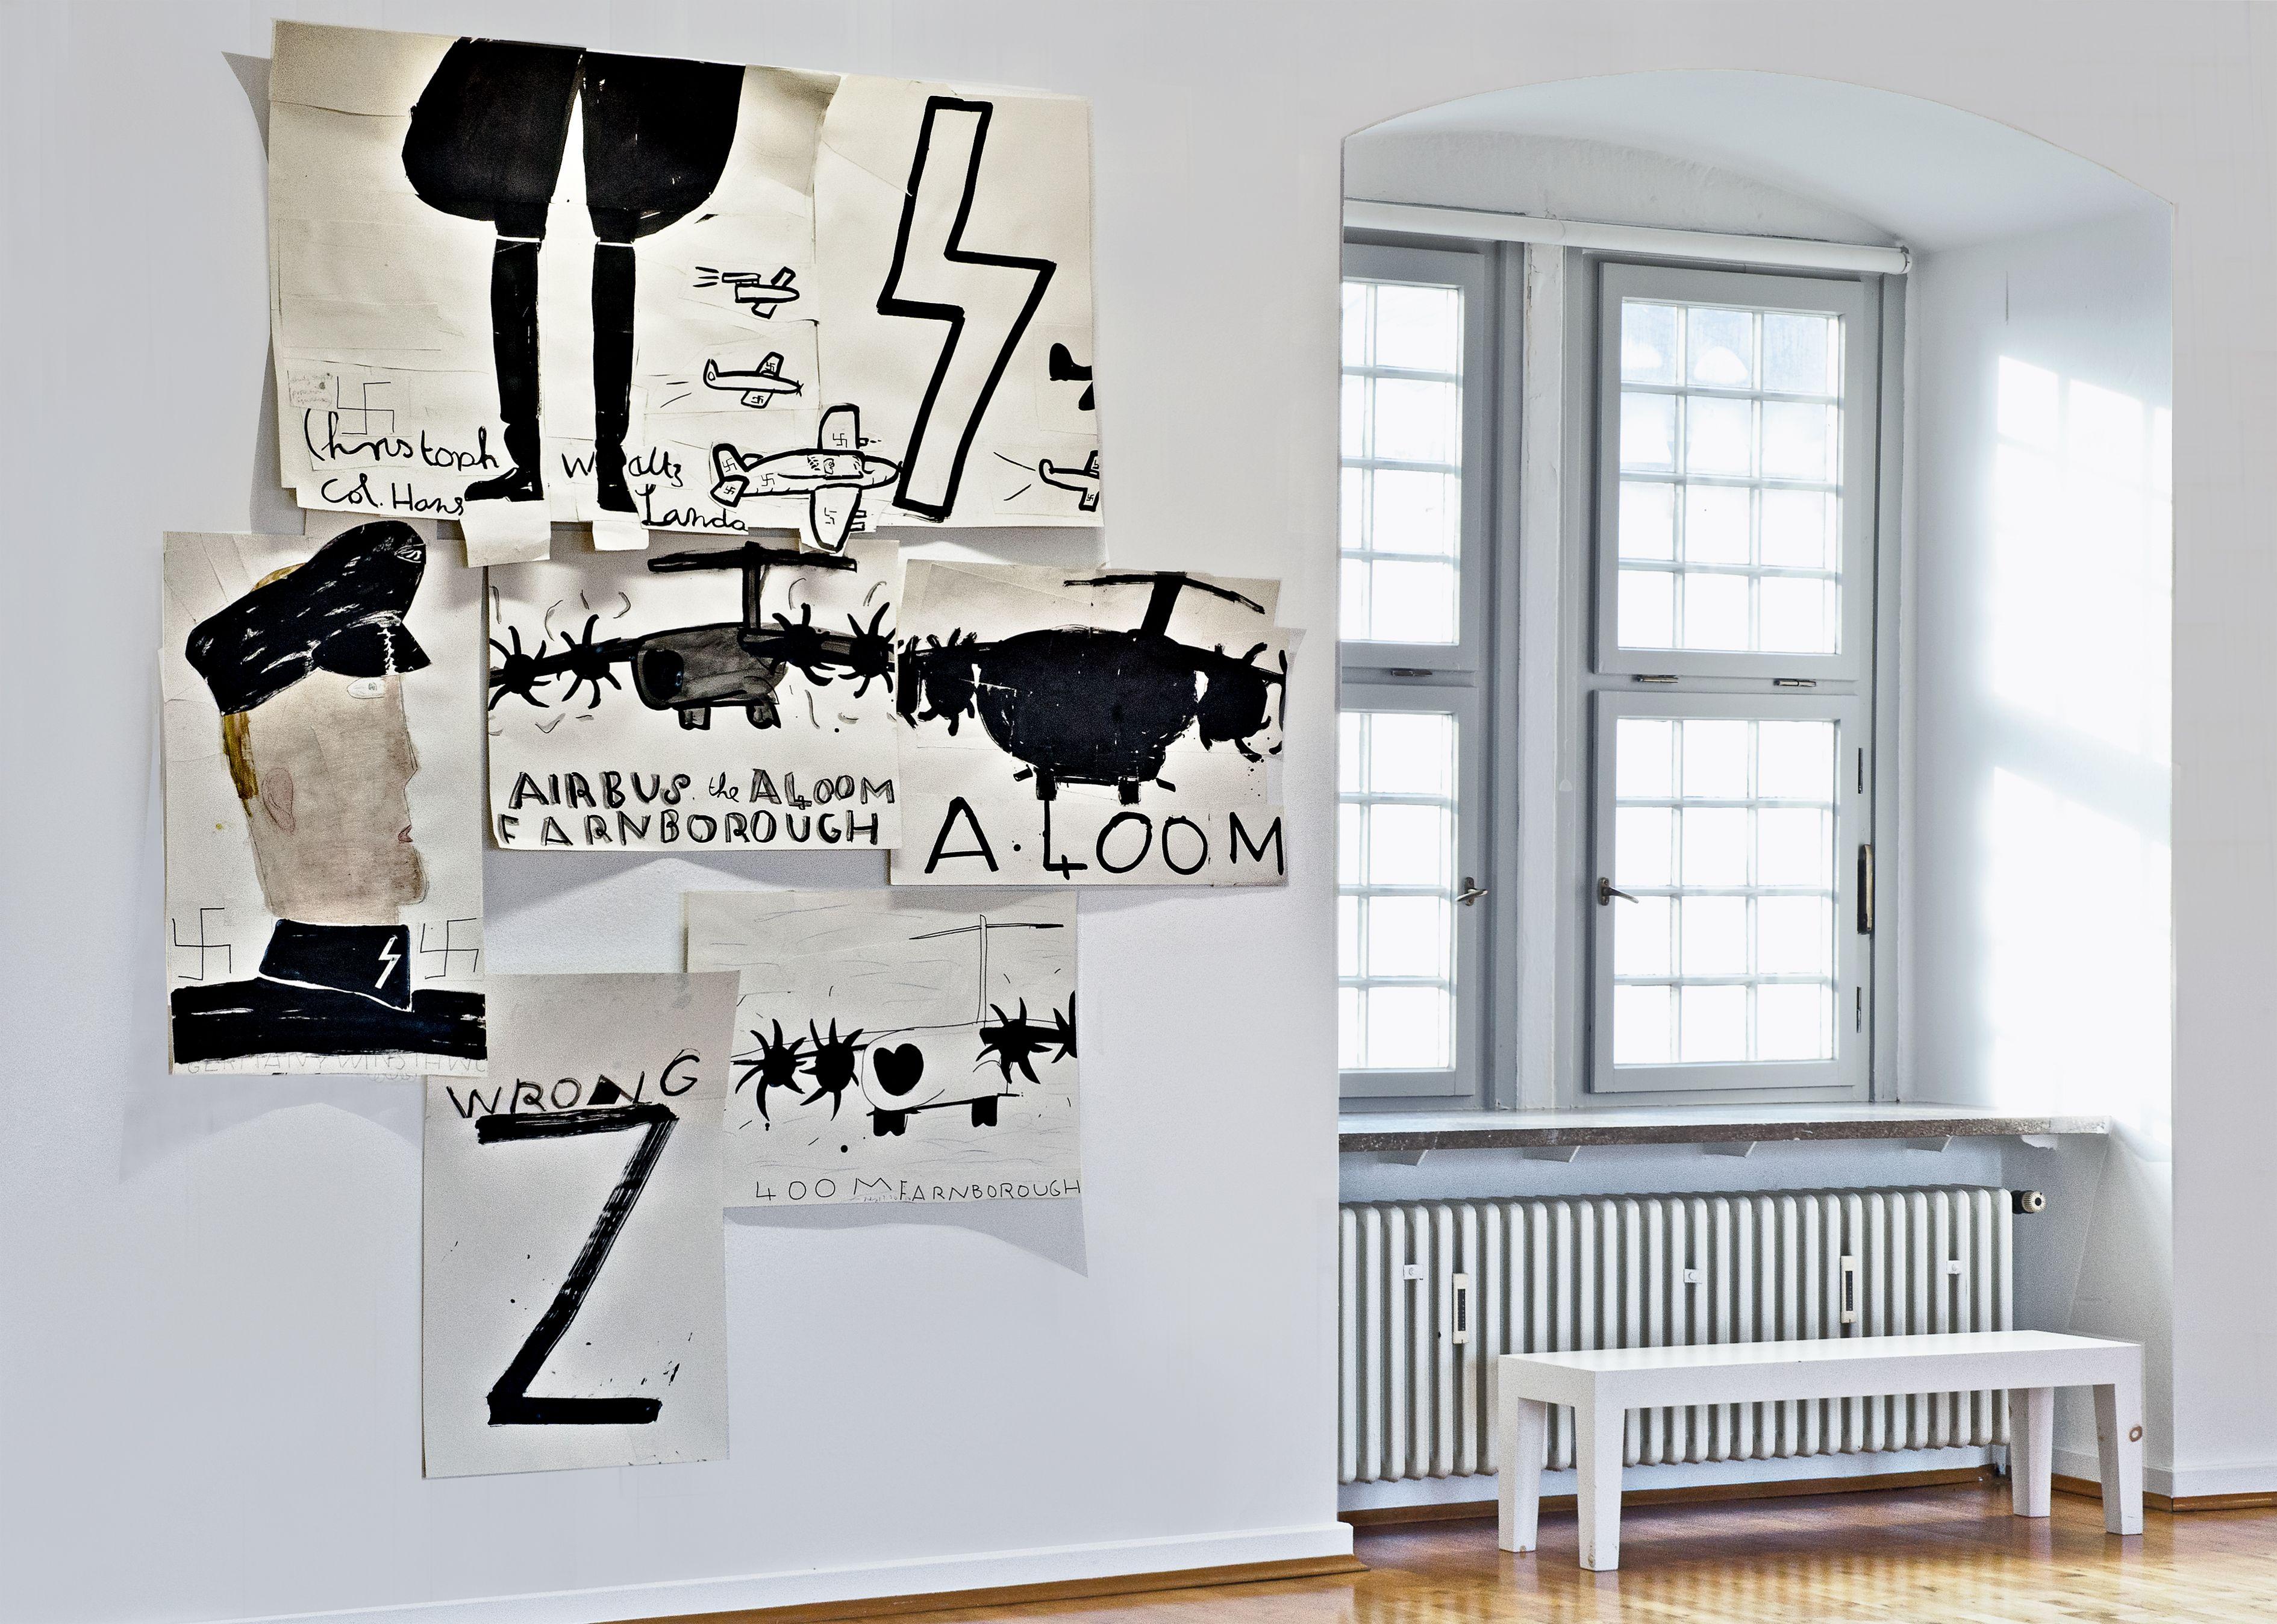 Http Www Staedtische Galerie Wolfsburg De I Exhibition Images Image 1670 0 Jpg Rose Wylie Wylie Rose